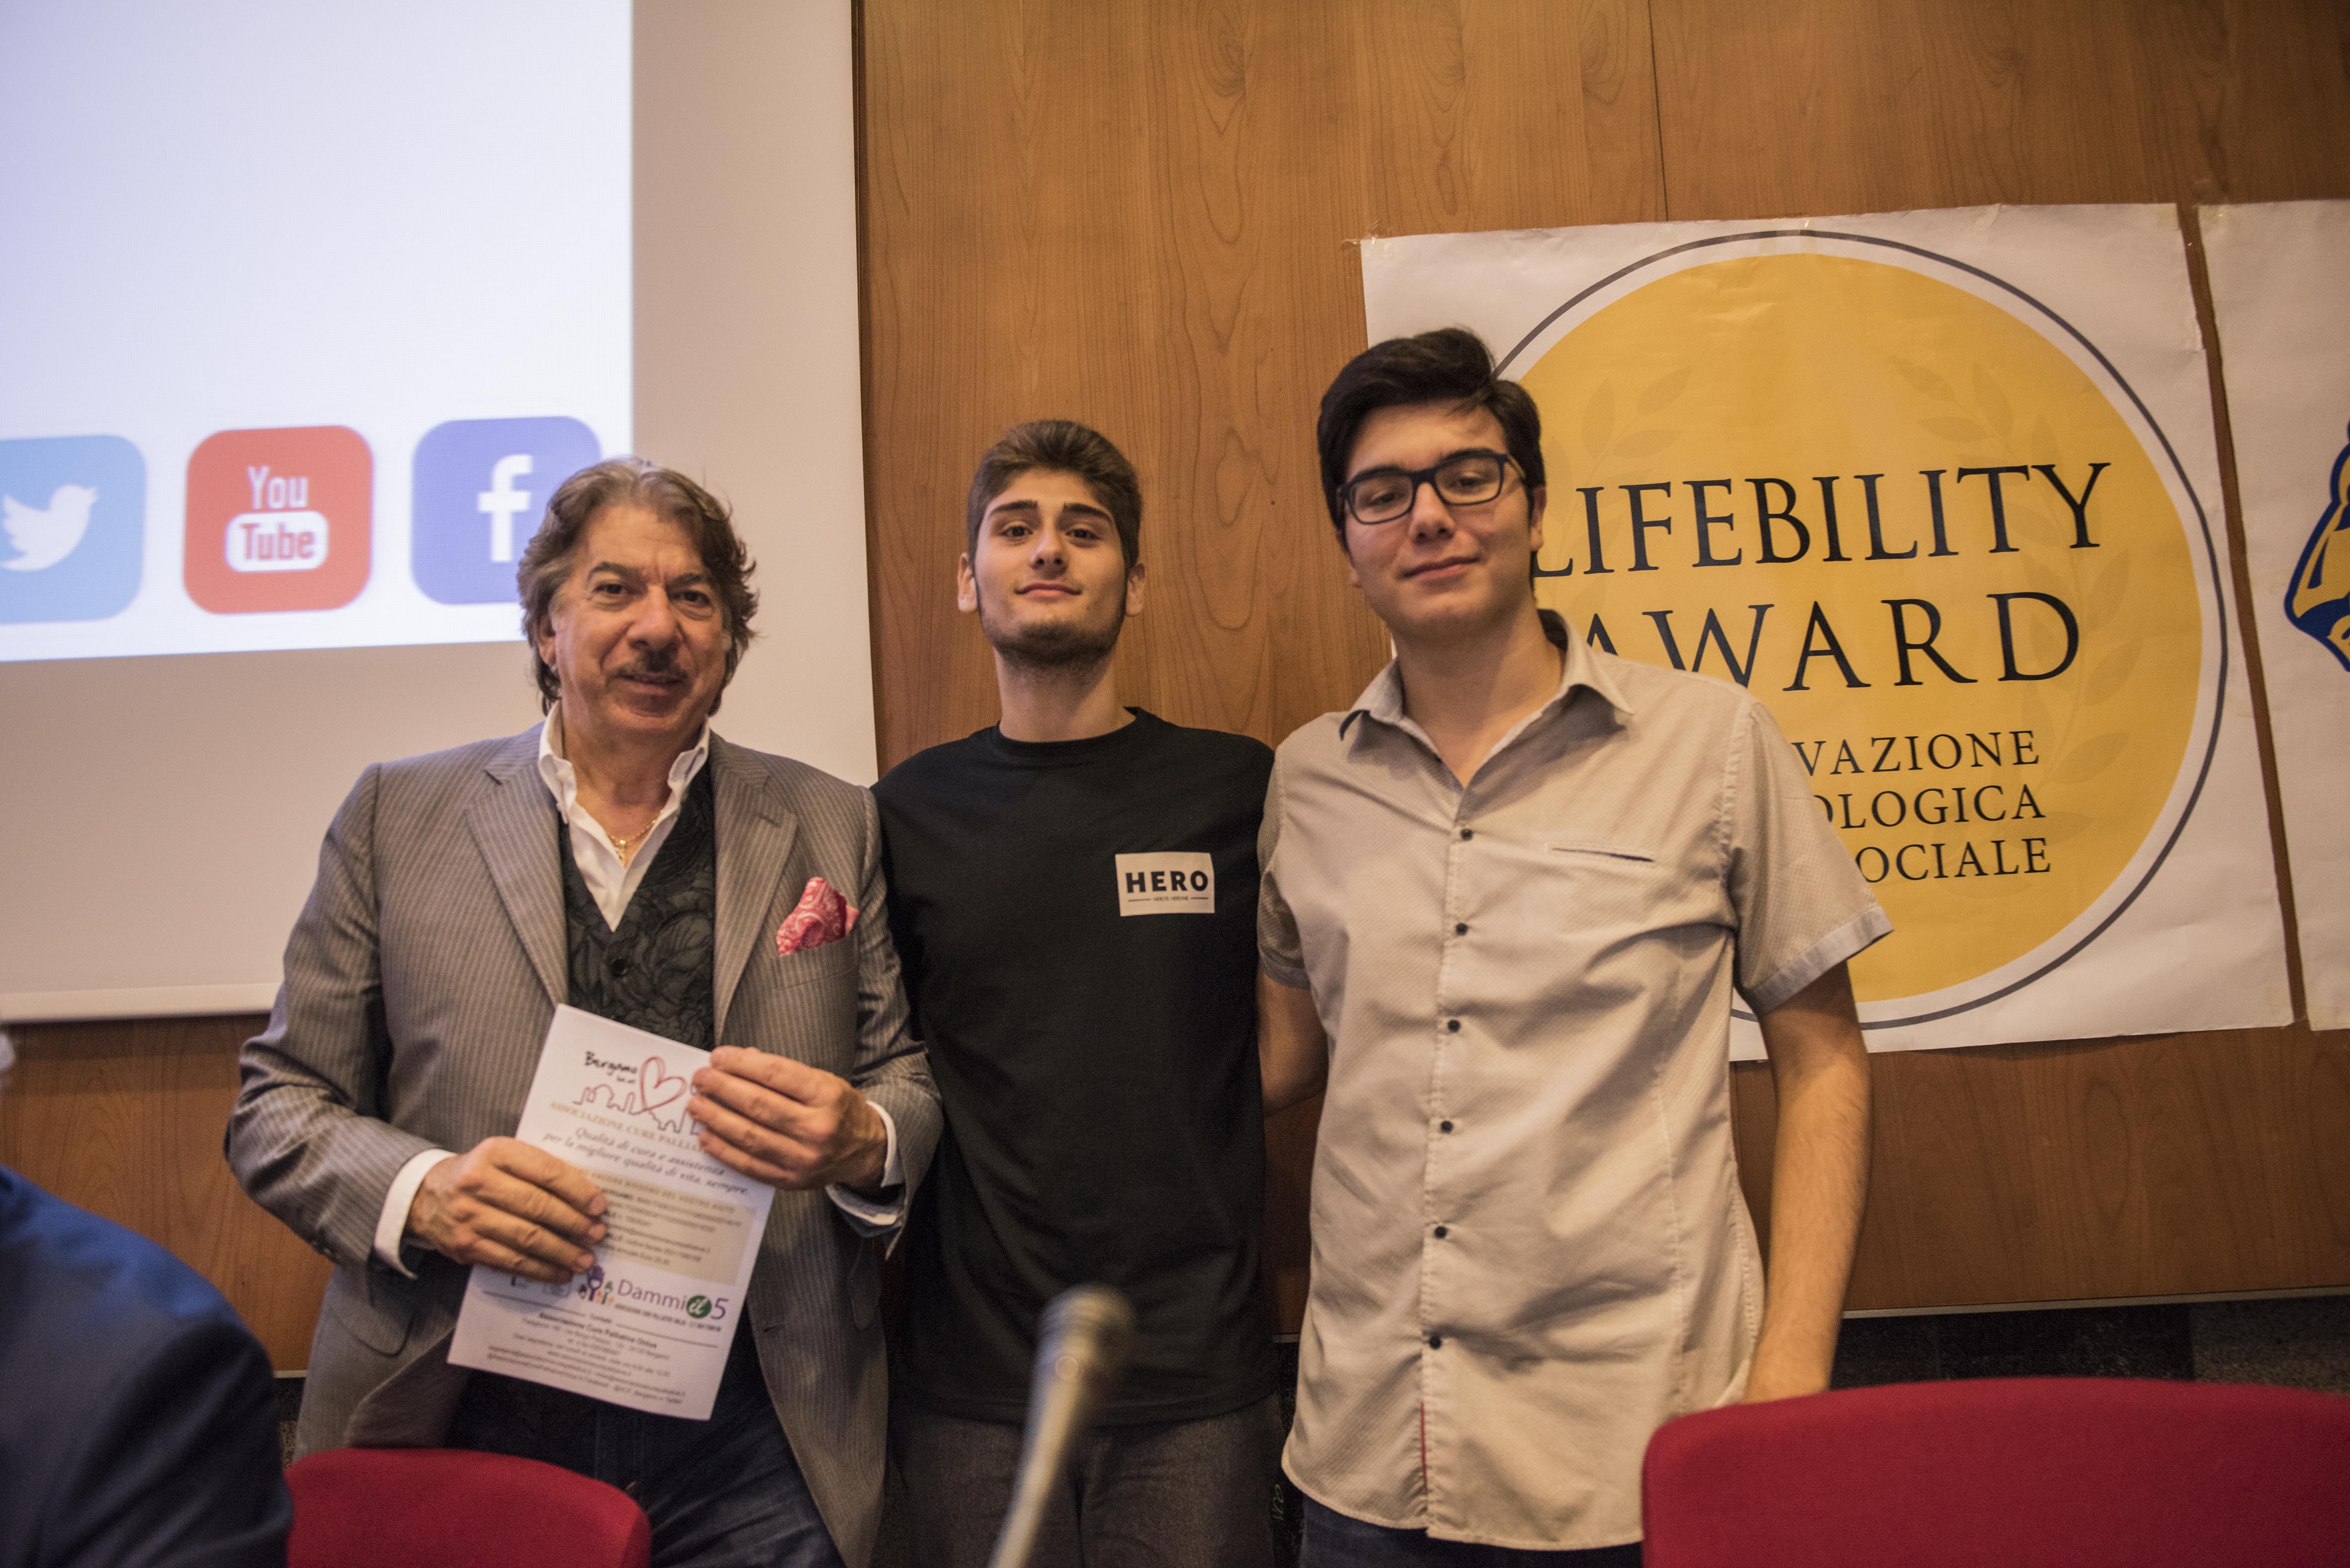 """Marco Columbro e alcuni membri del team dell'IIS """"Giancarlo Siani"""" di Napoli, che ha ricevuto la menzione d'onore per il progetto """"Safety Key Child""""."""